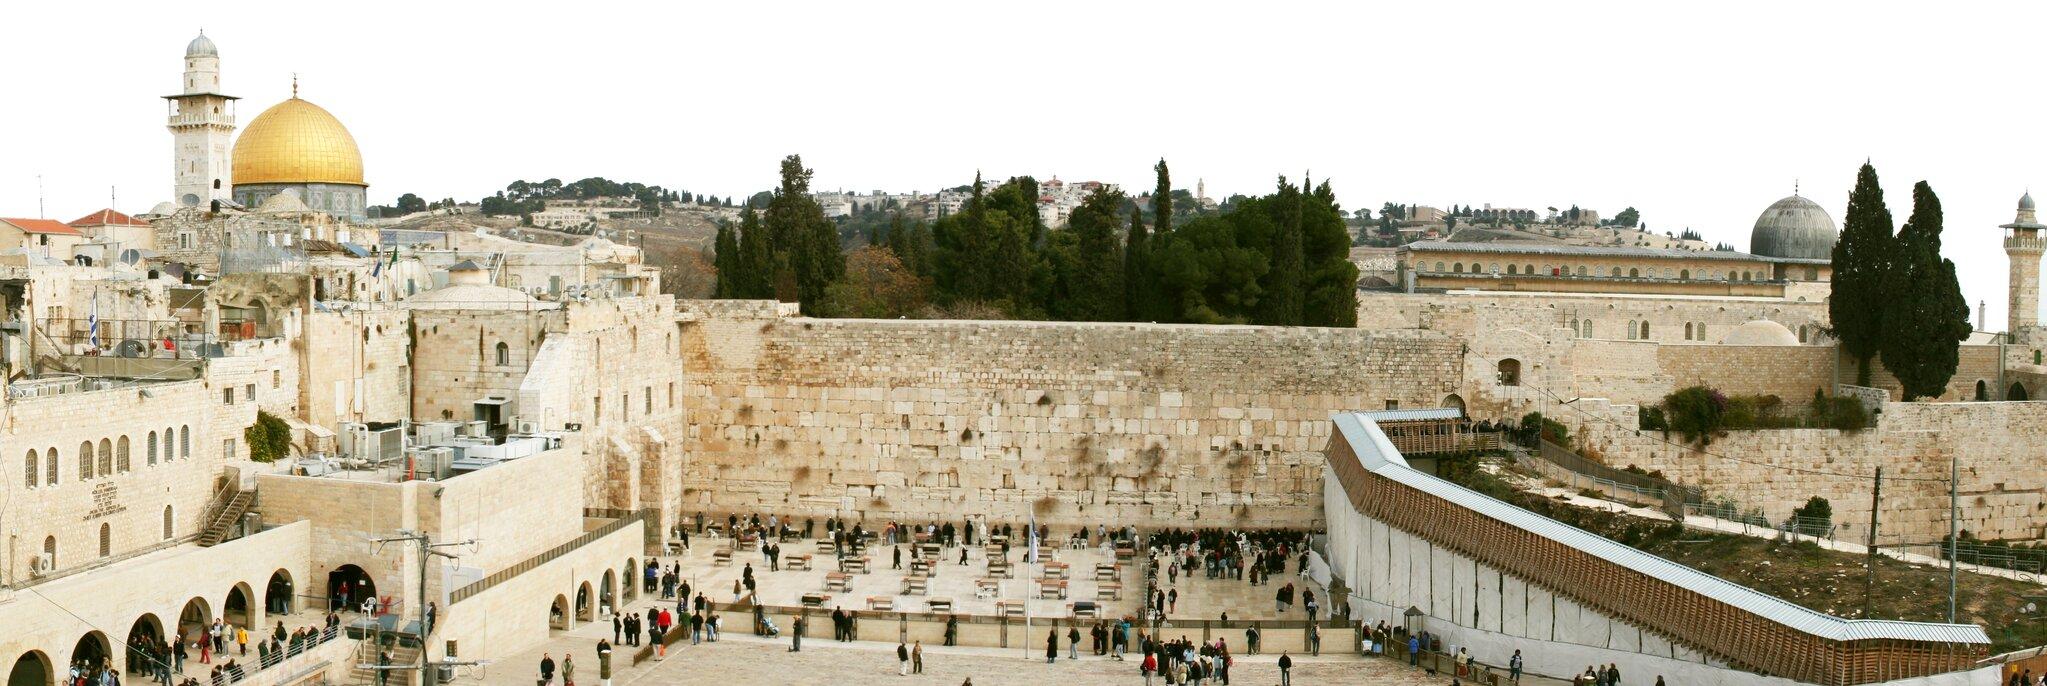 Ściana Płaczu wJerozolimie. Ściana Płaczu wJerozolimie. Źródło: Sheepdog85, Wikimedia Commons, licencja: CC BY-SA 3.0.